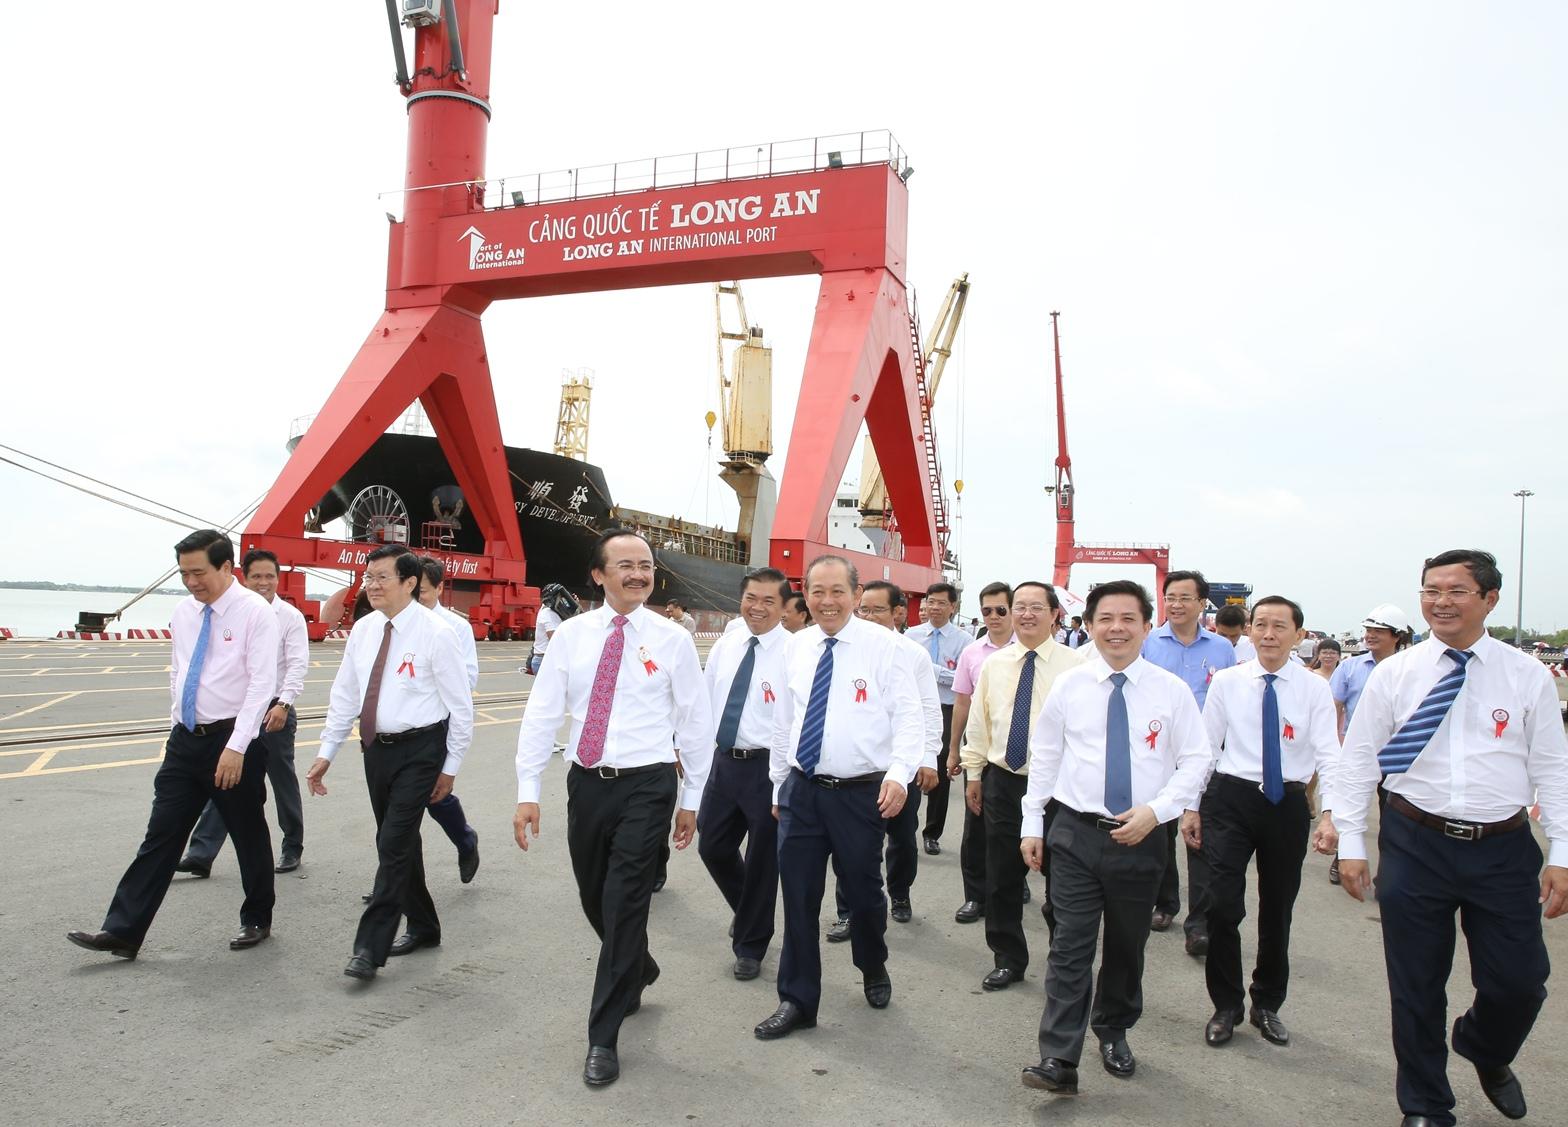 Khánh thành giai đoạn 1 Cảng Quốc tế Long An